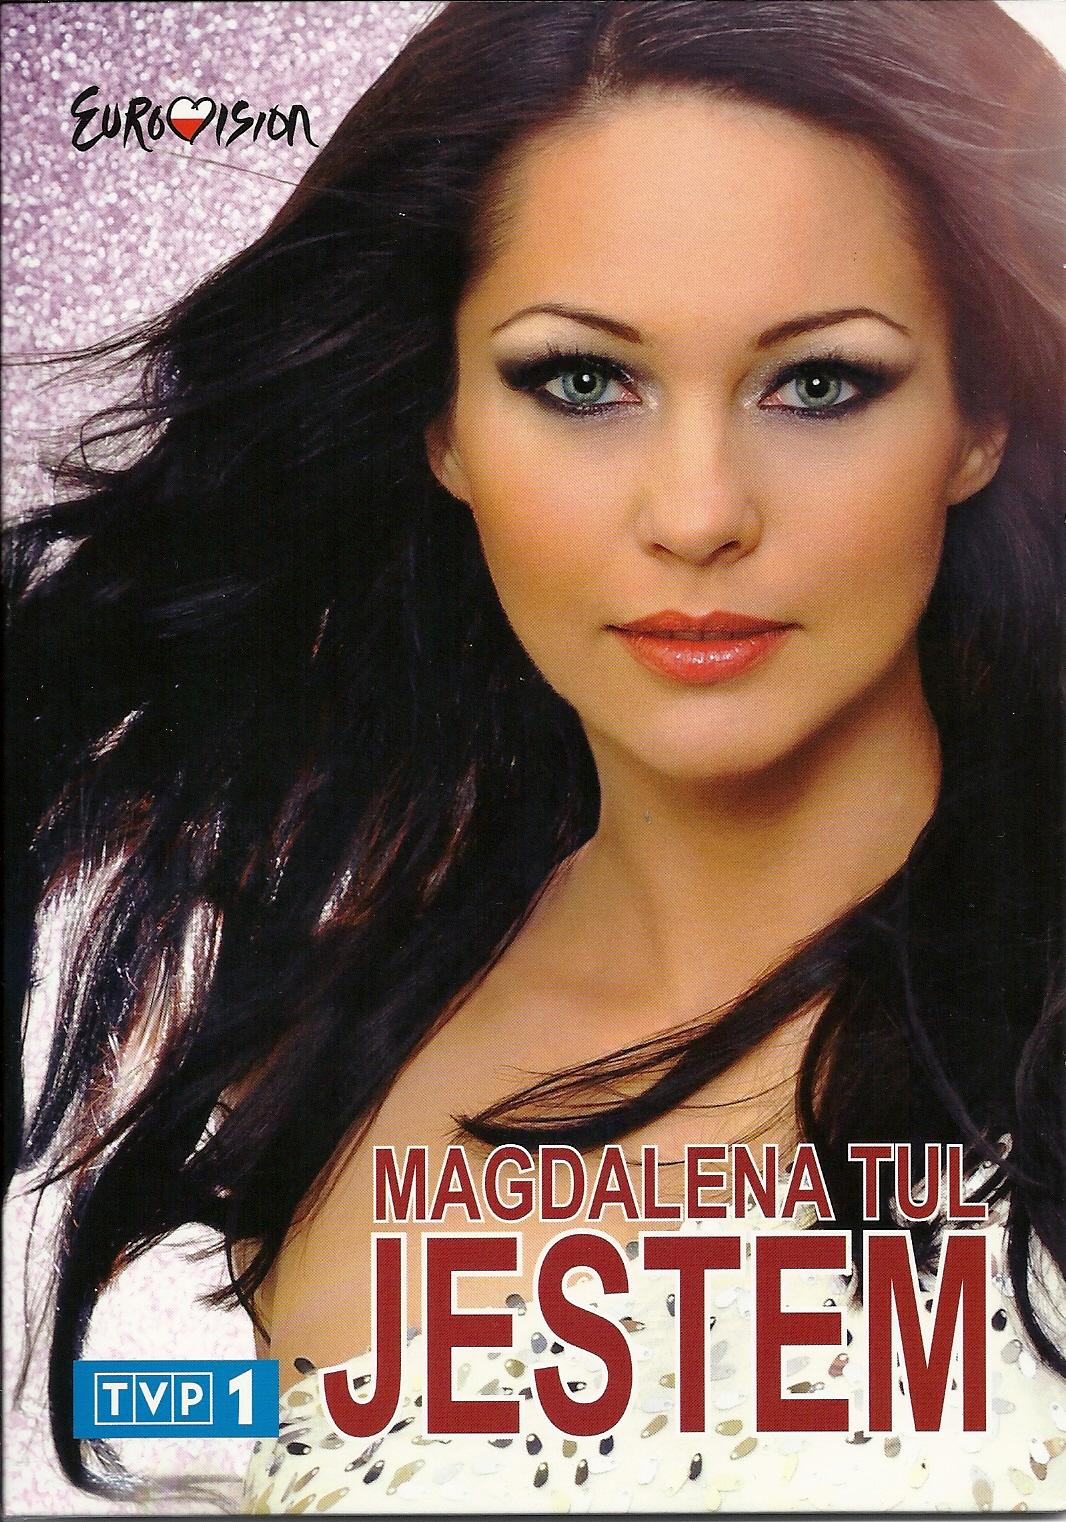 http://4.bp.blogspot.com/-_6J0UX6t2QA/Tb_1sbdgNbI/AAAAAAAAFXM/GZmwzHsgauI/s1600/Jestem+cdsingle+Magdalena+tul.jpg